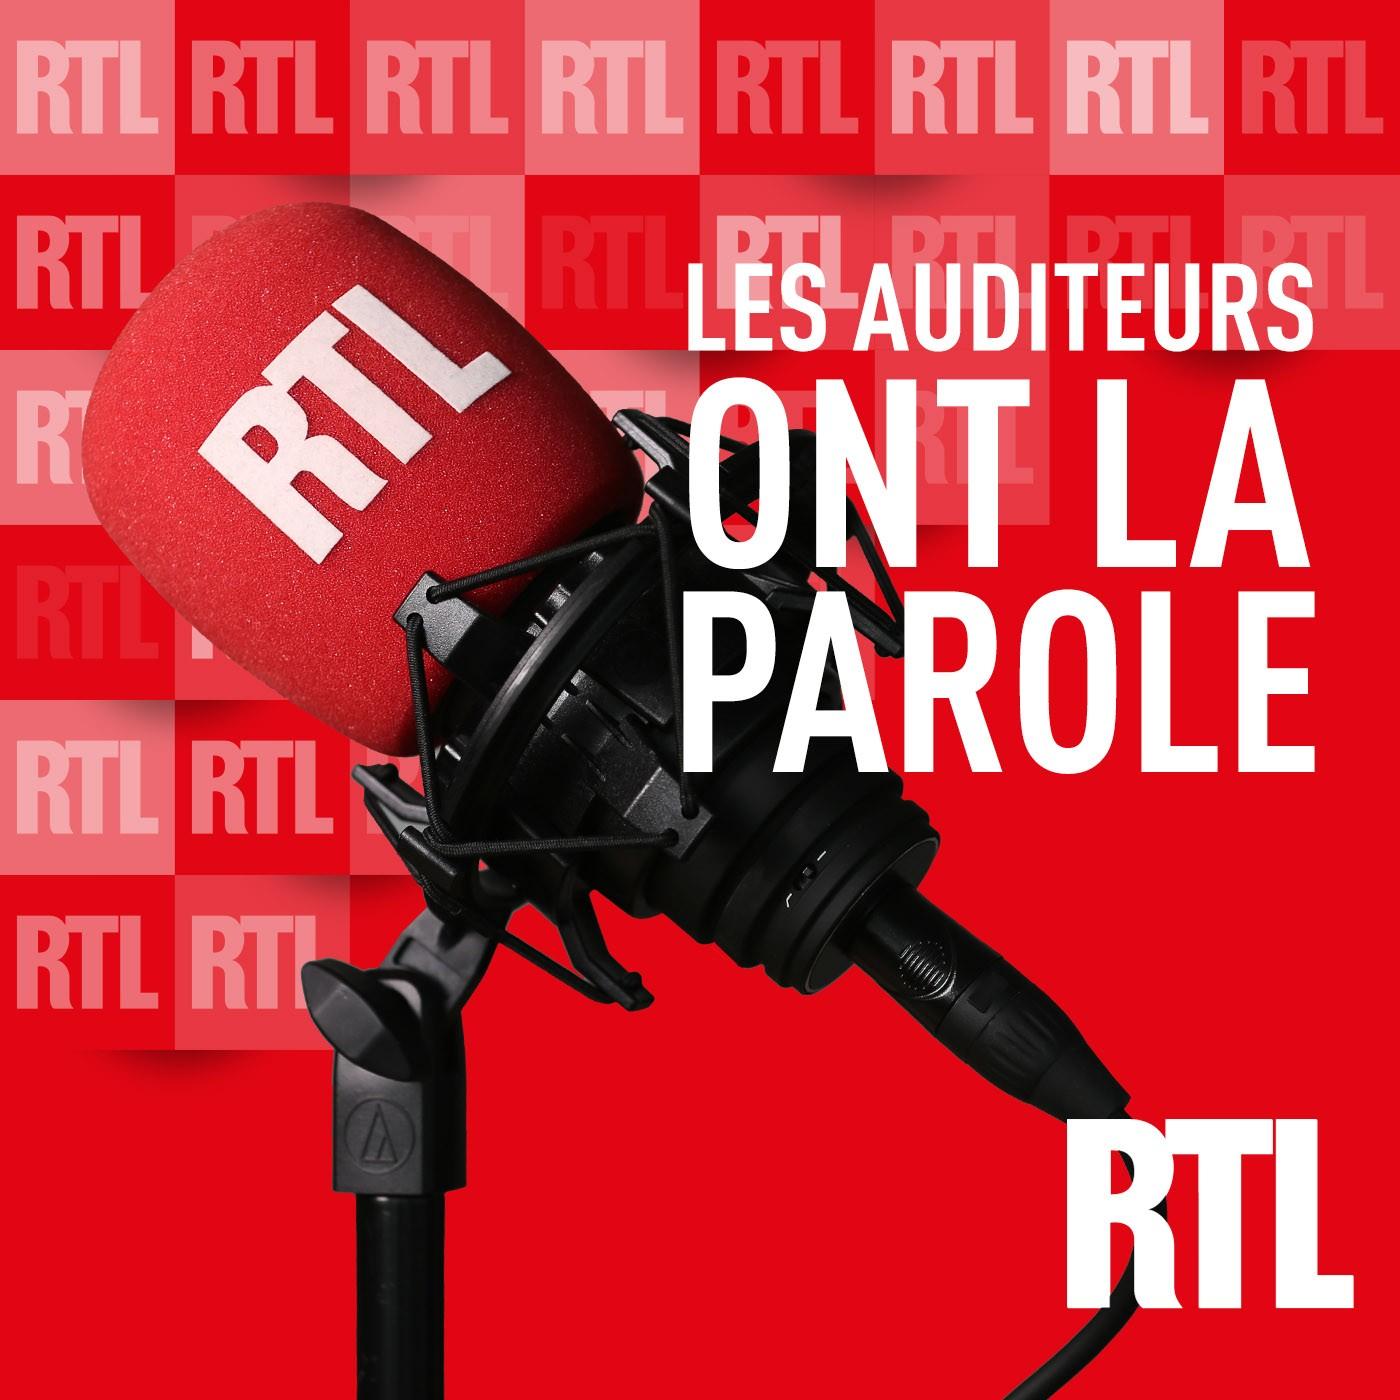 Image 1: Podcast Les auditeurs ont la parole sur RTL